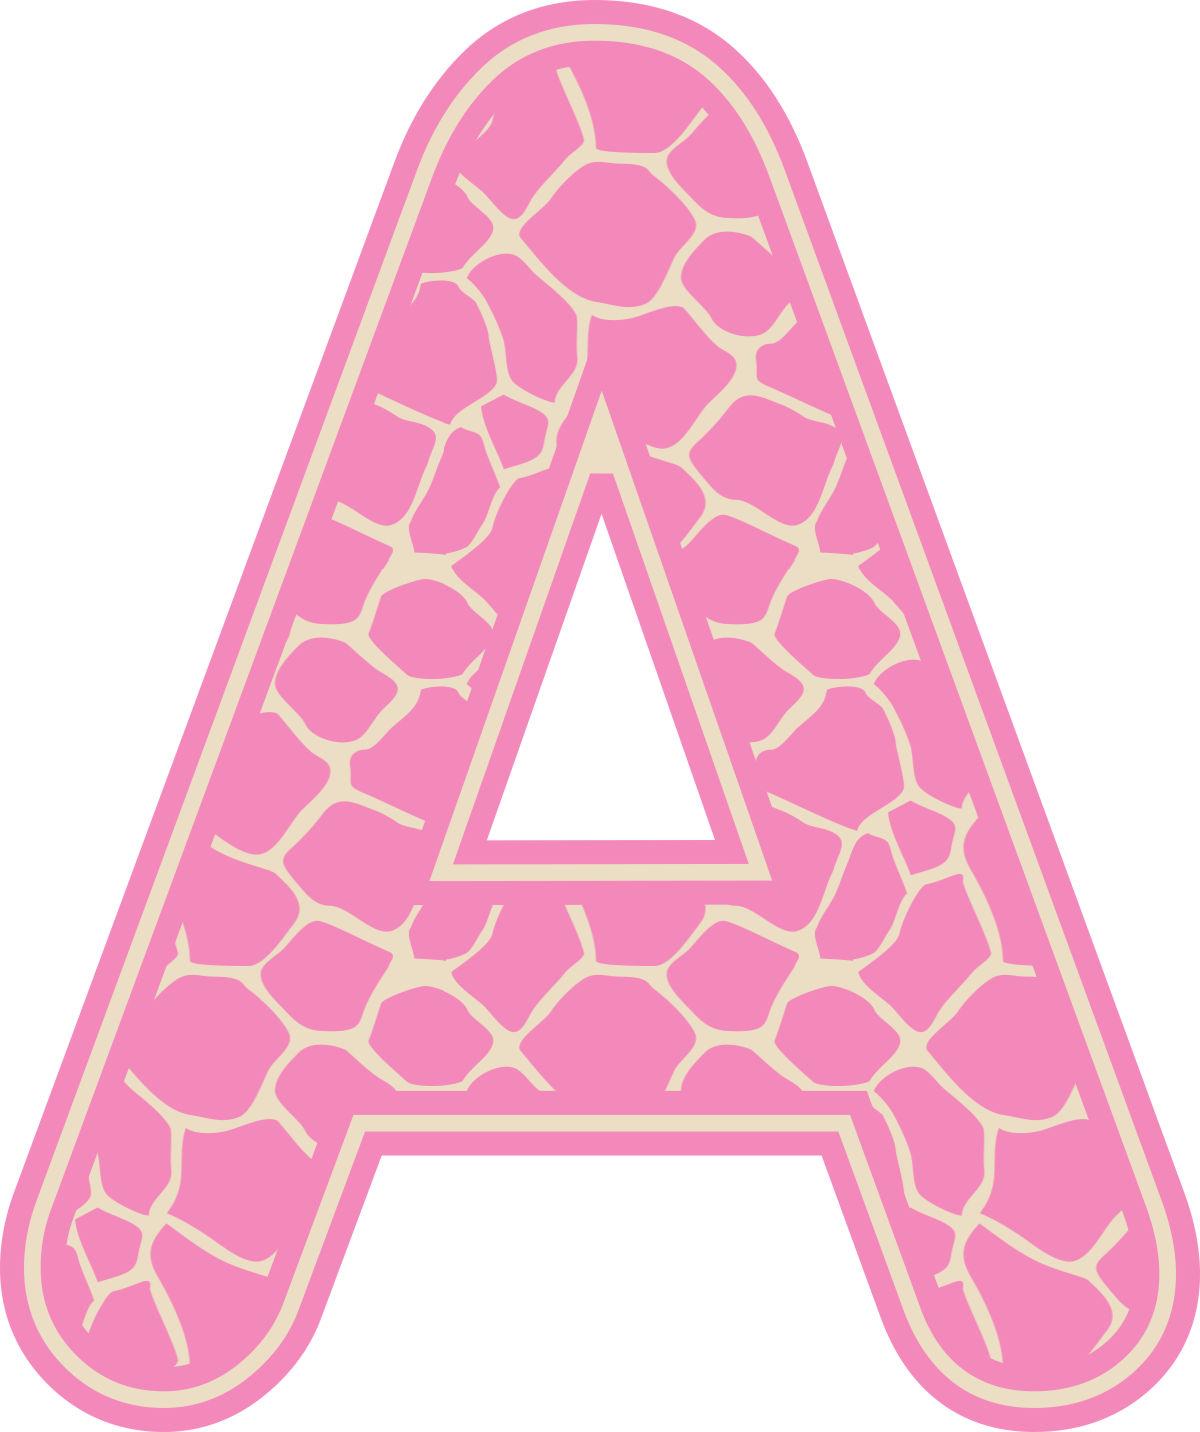 A&e Logos